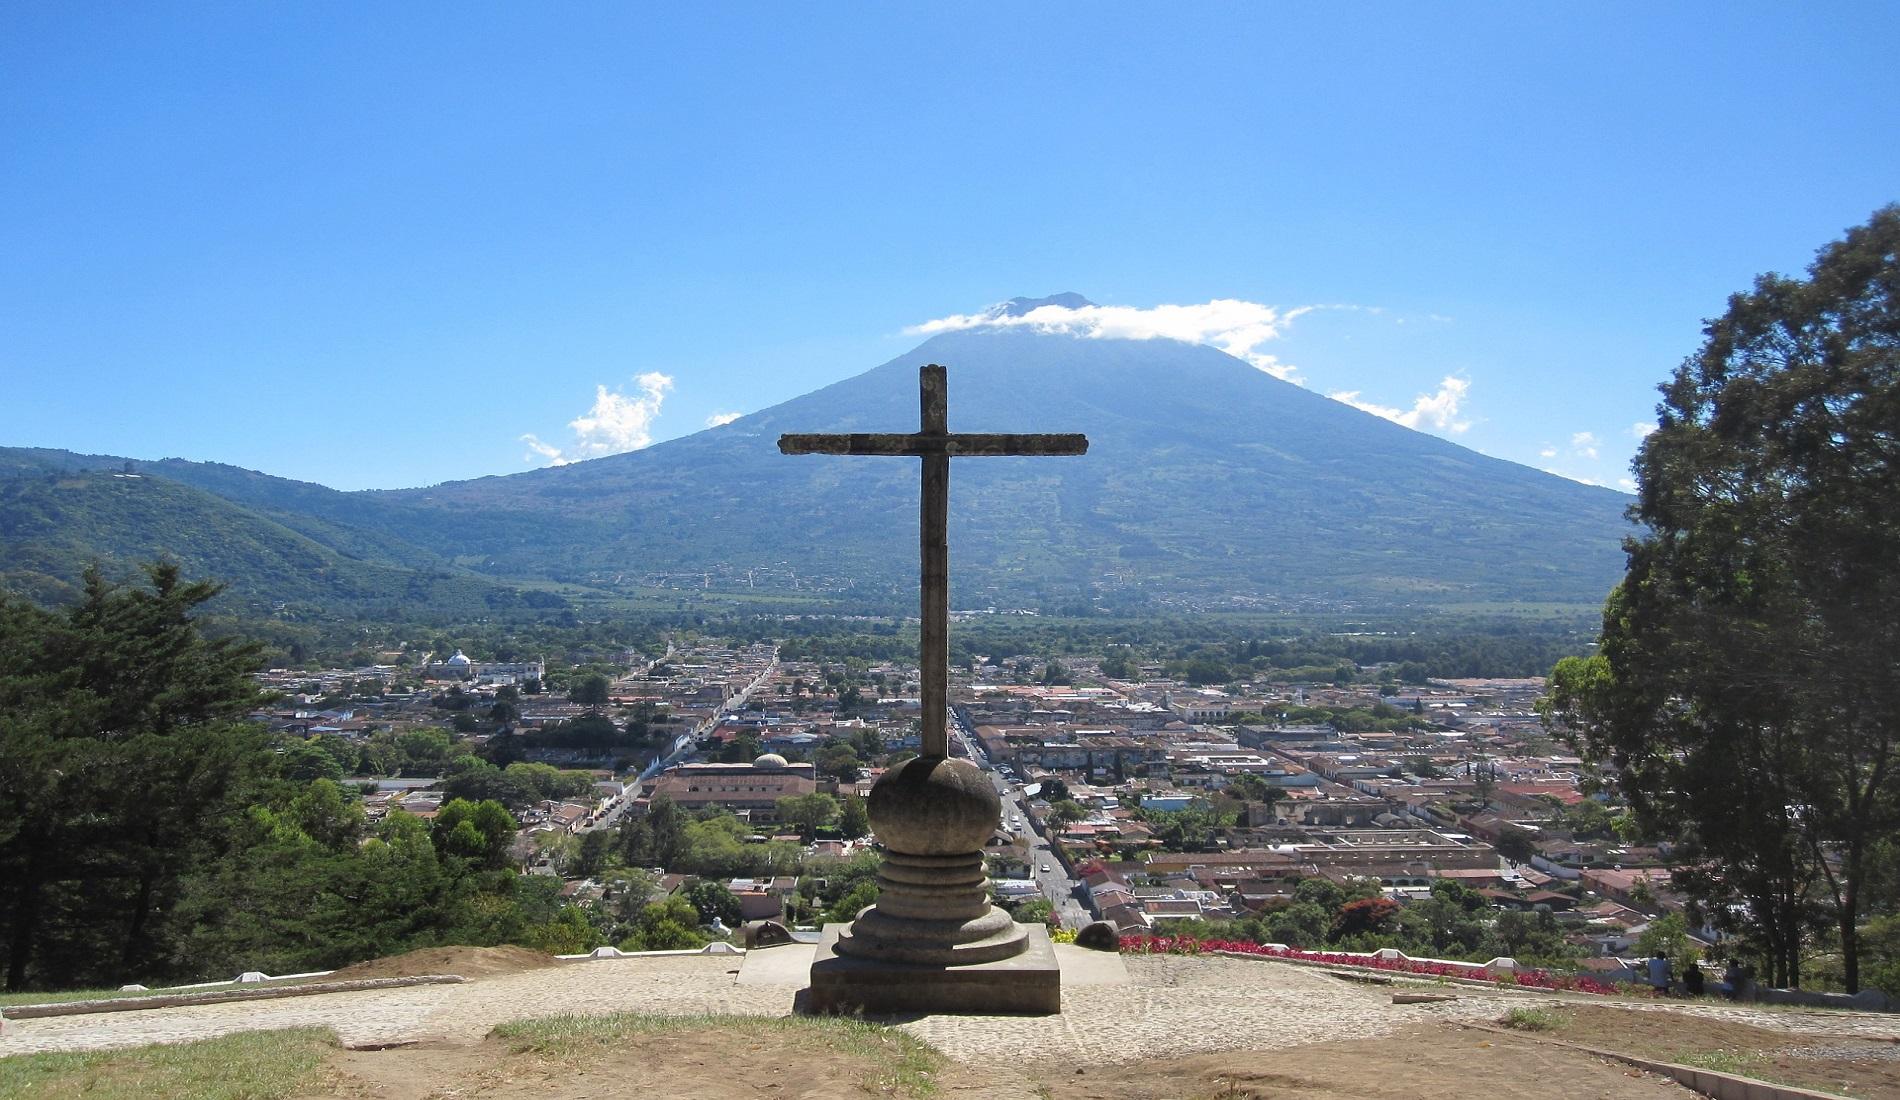 rondreis guatemala agua vulkaan